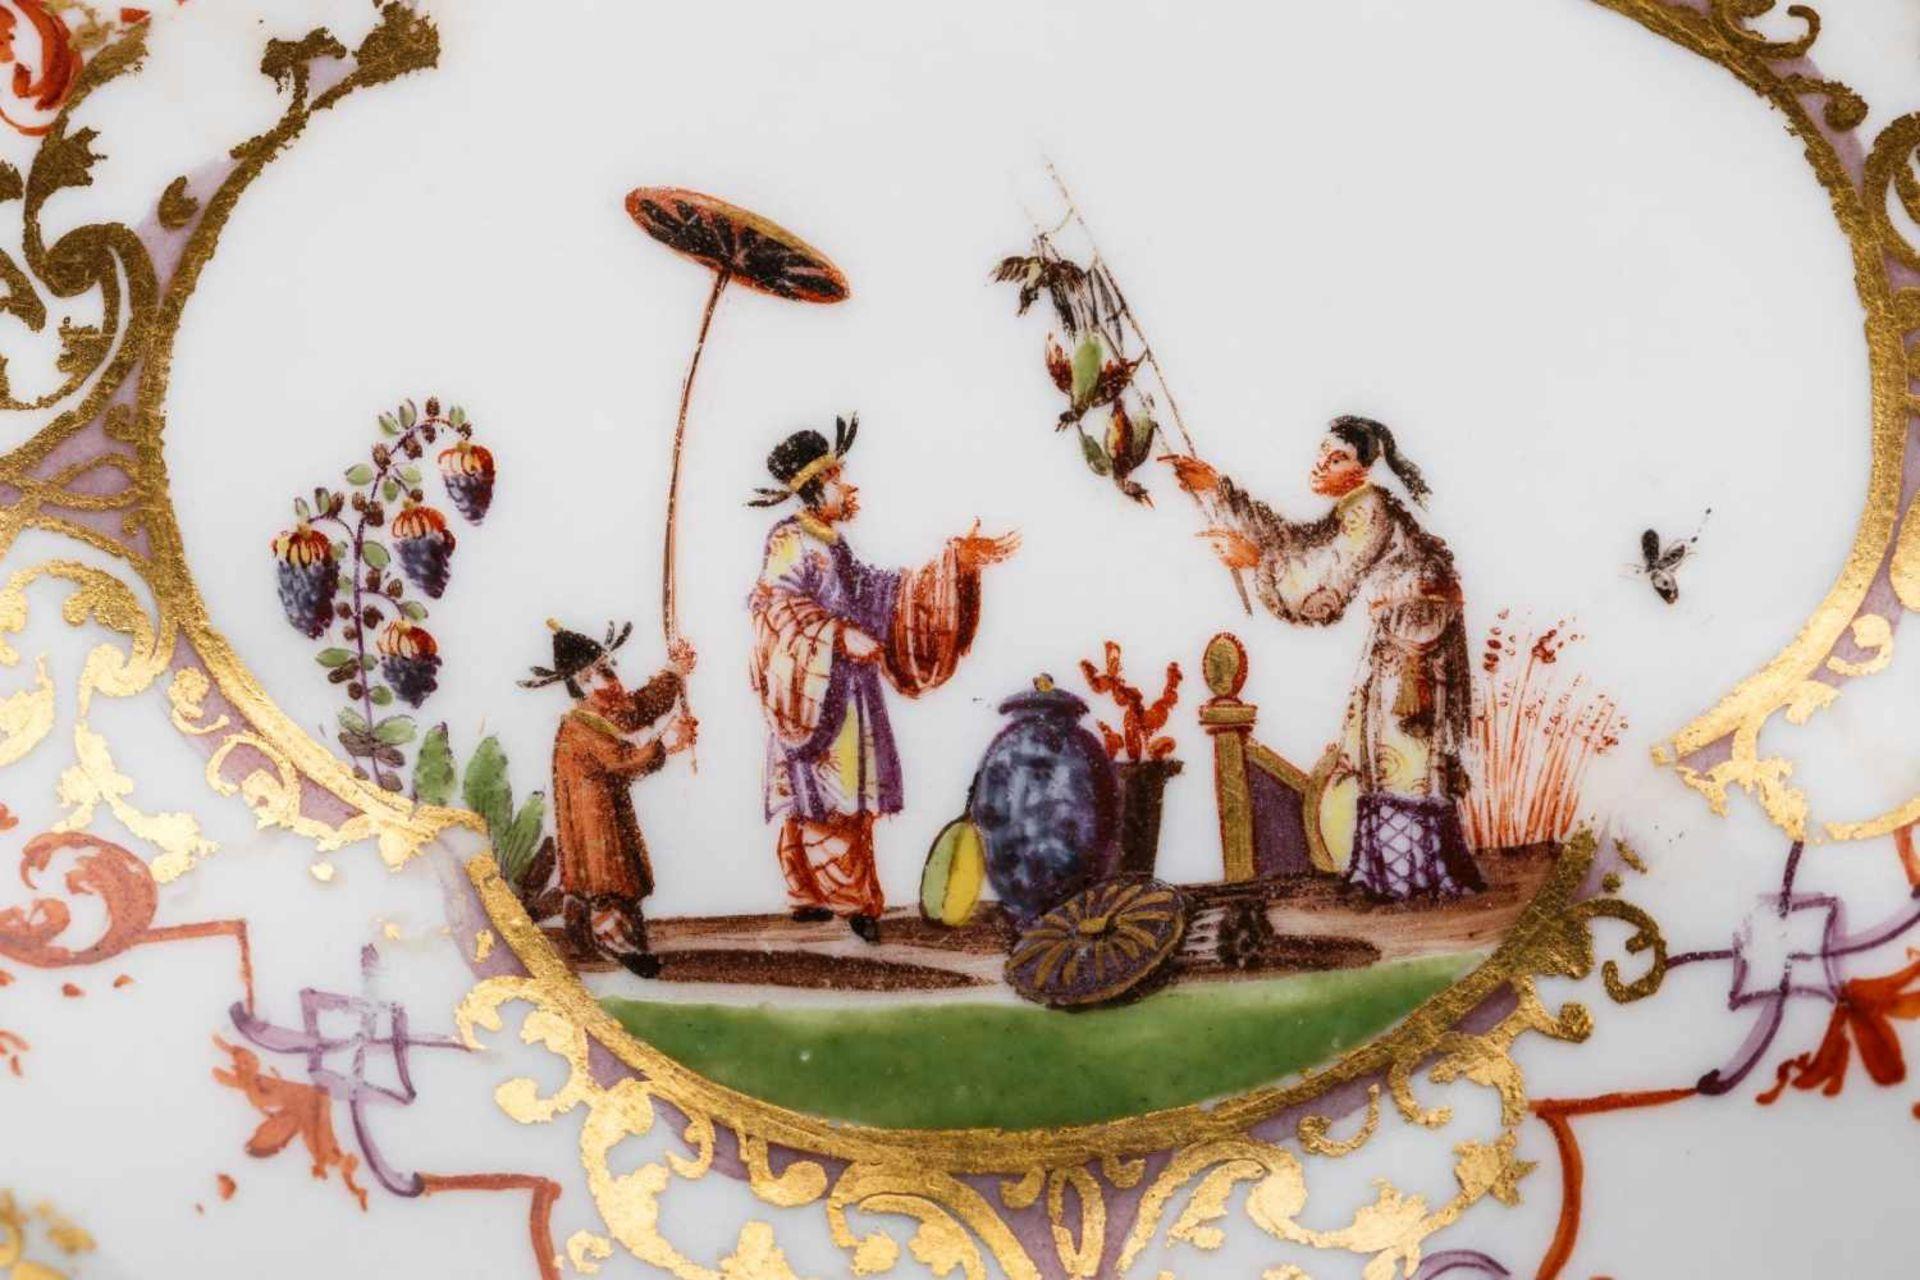 Koppchen mit Unterschale, Meissen 1720/30 - Bild 2 aus 3